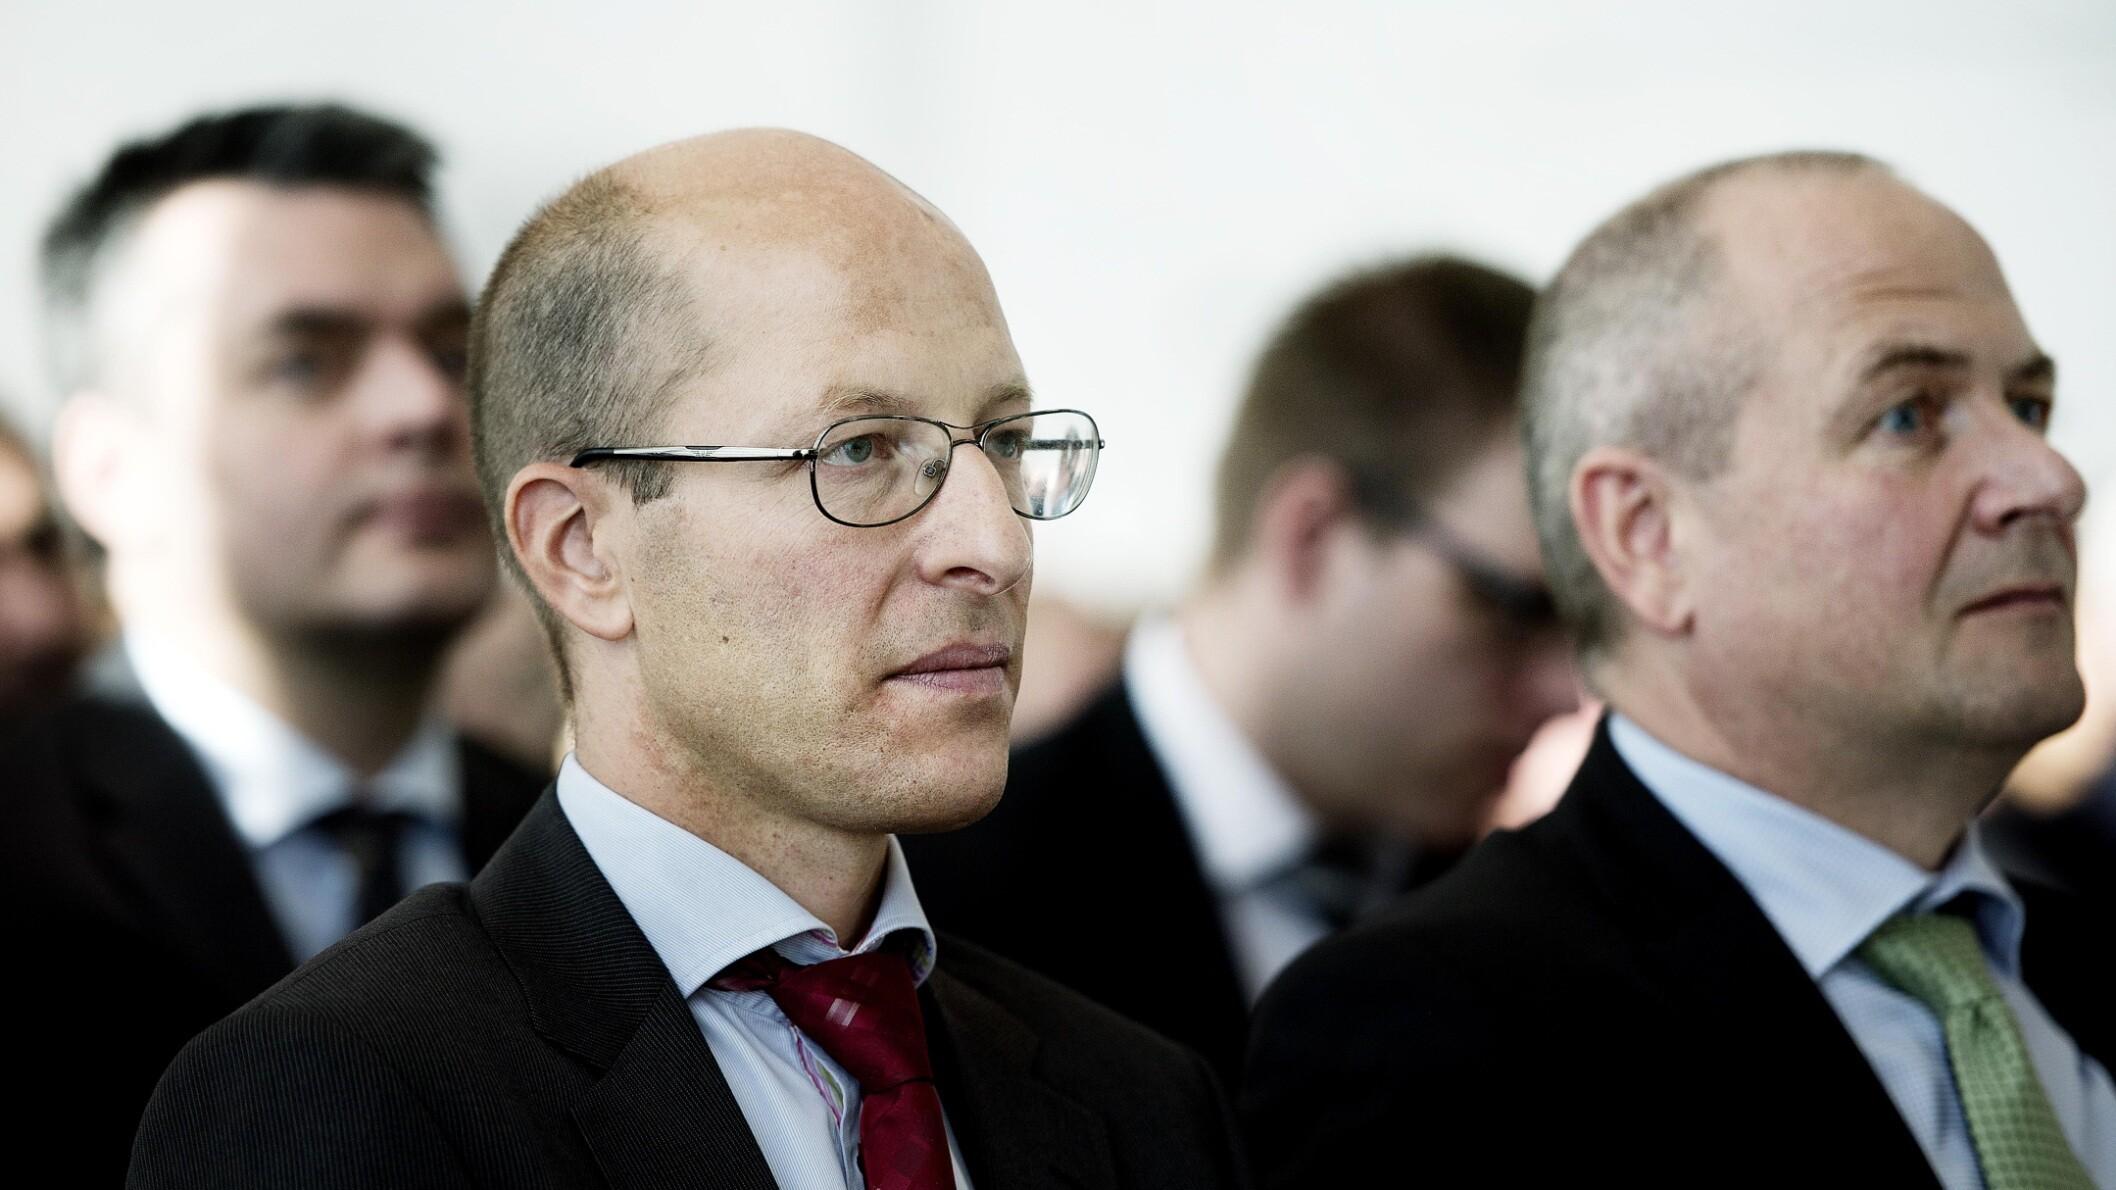 Rangvid om milliardkrav til banker: Dårligt nyt for Danmark | Penge | DR